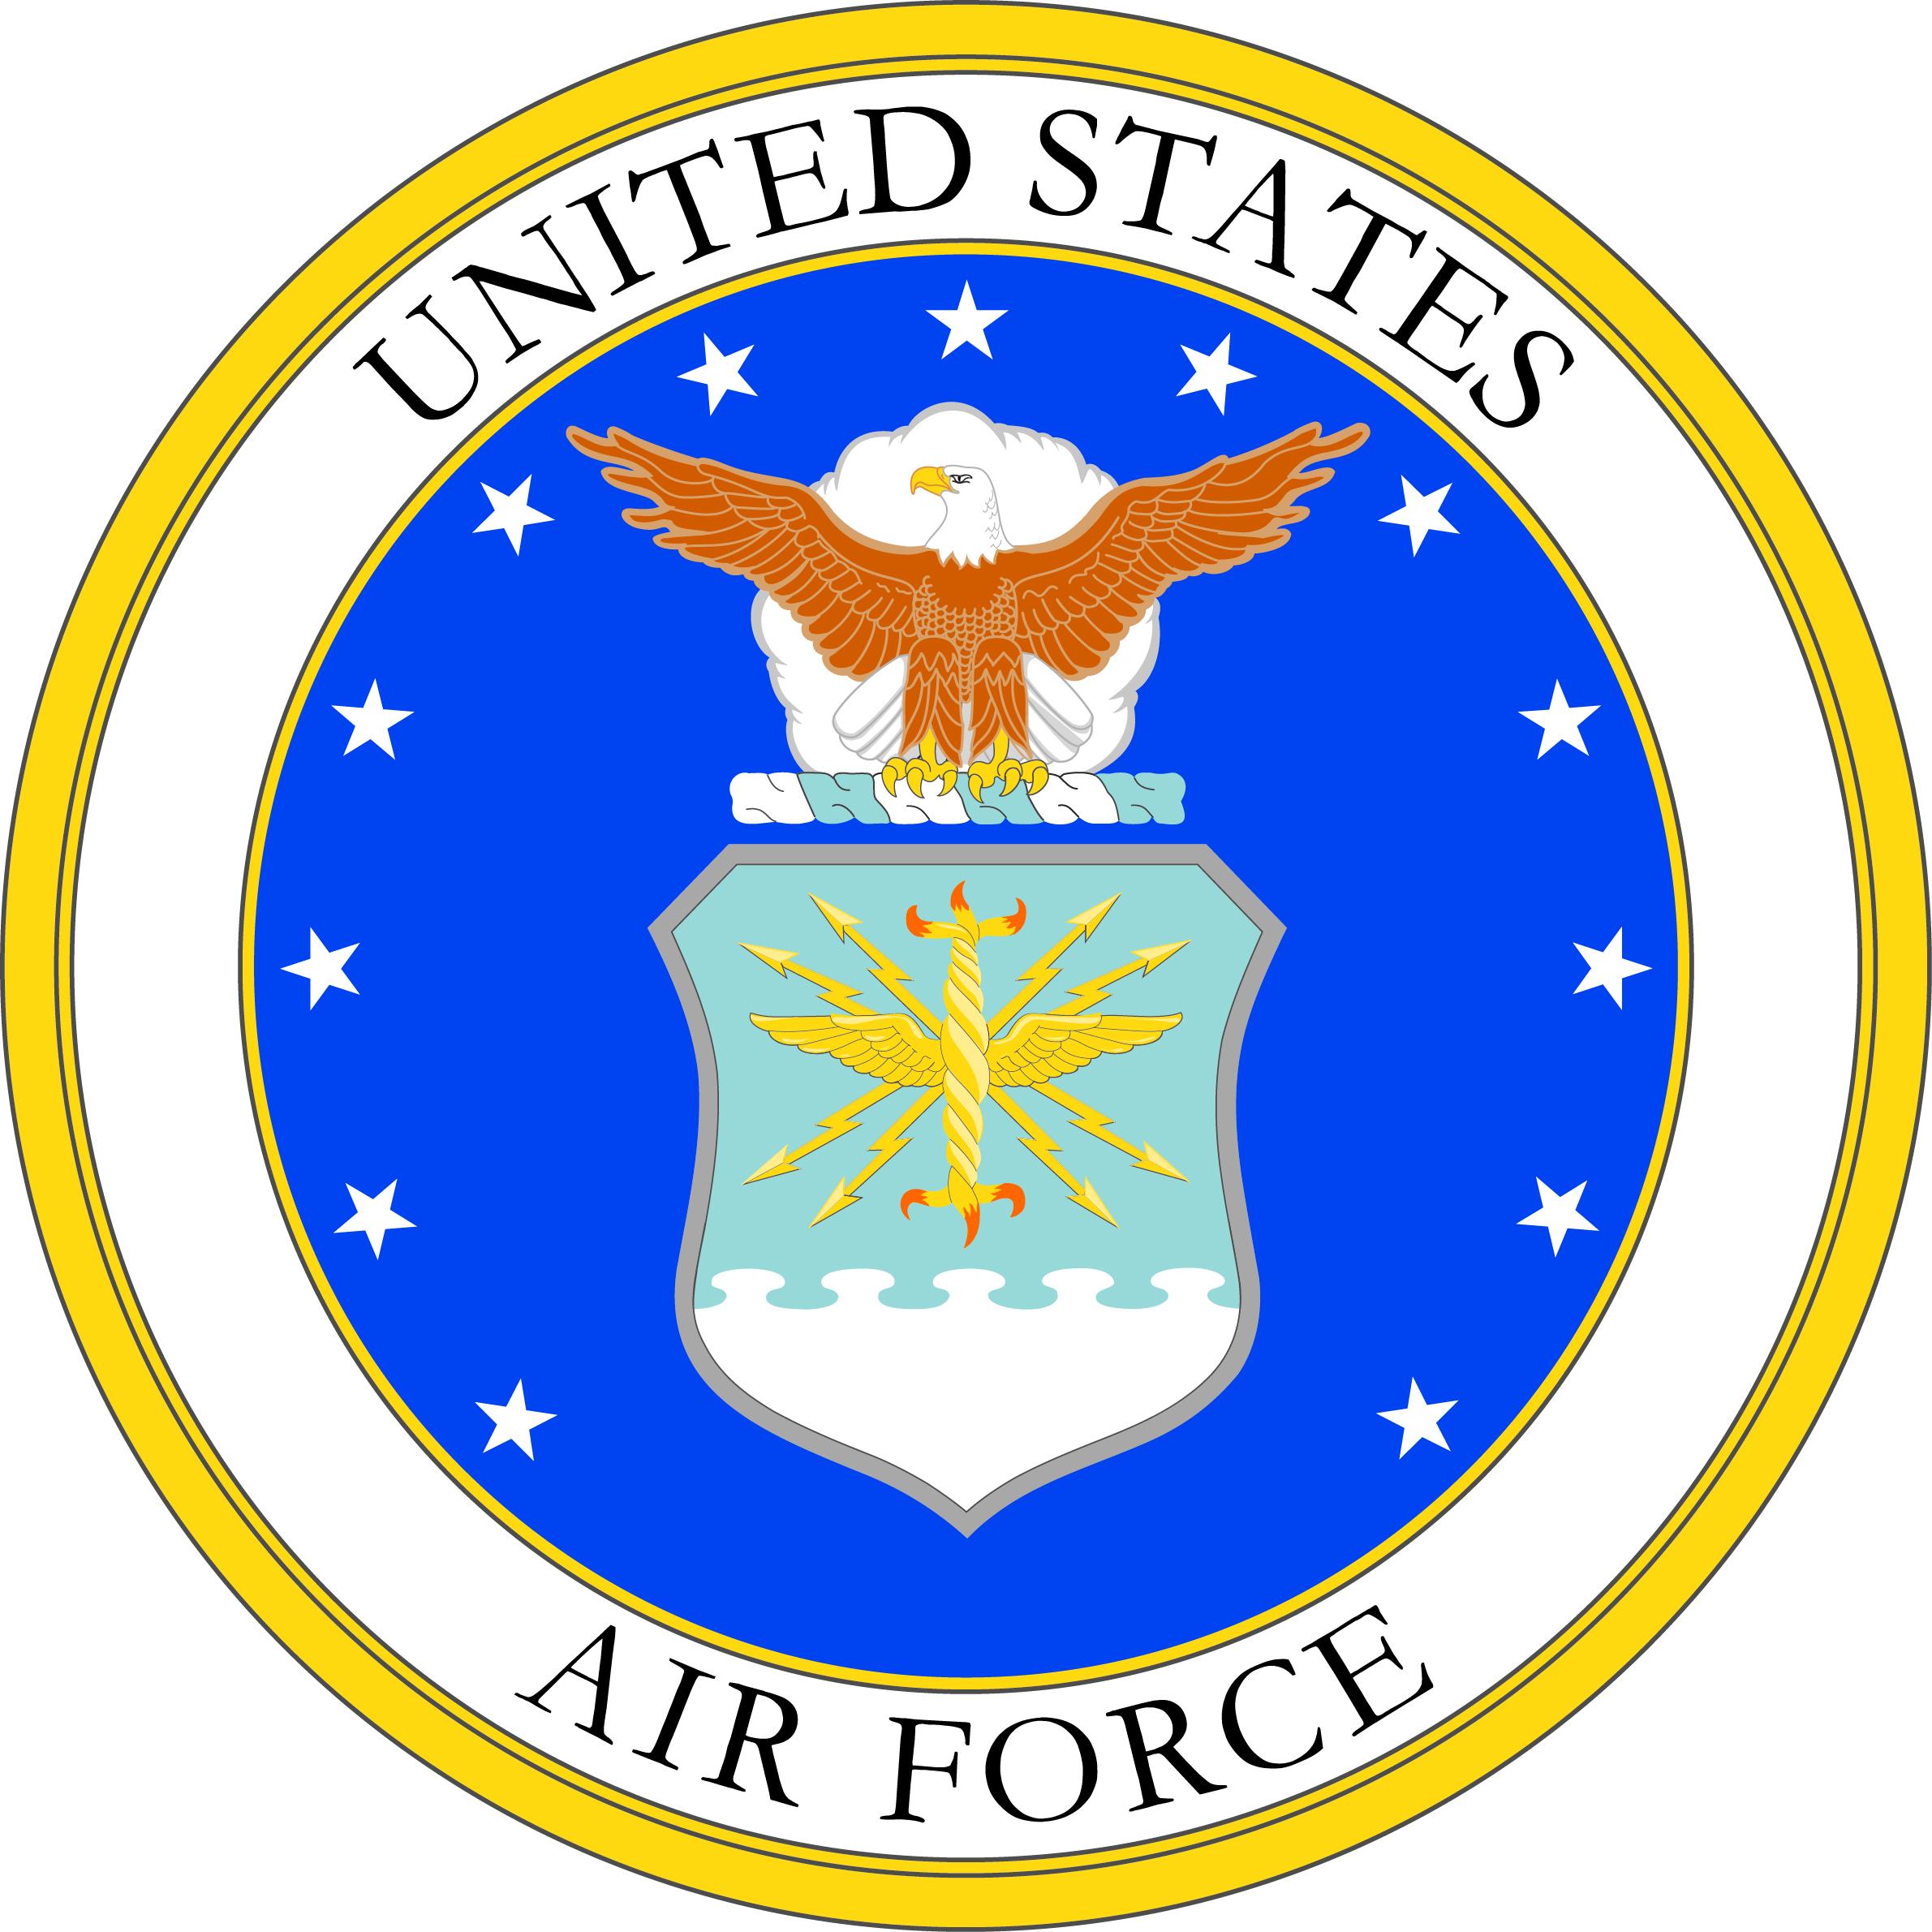 Air force insignia clip art.